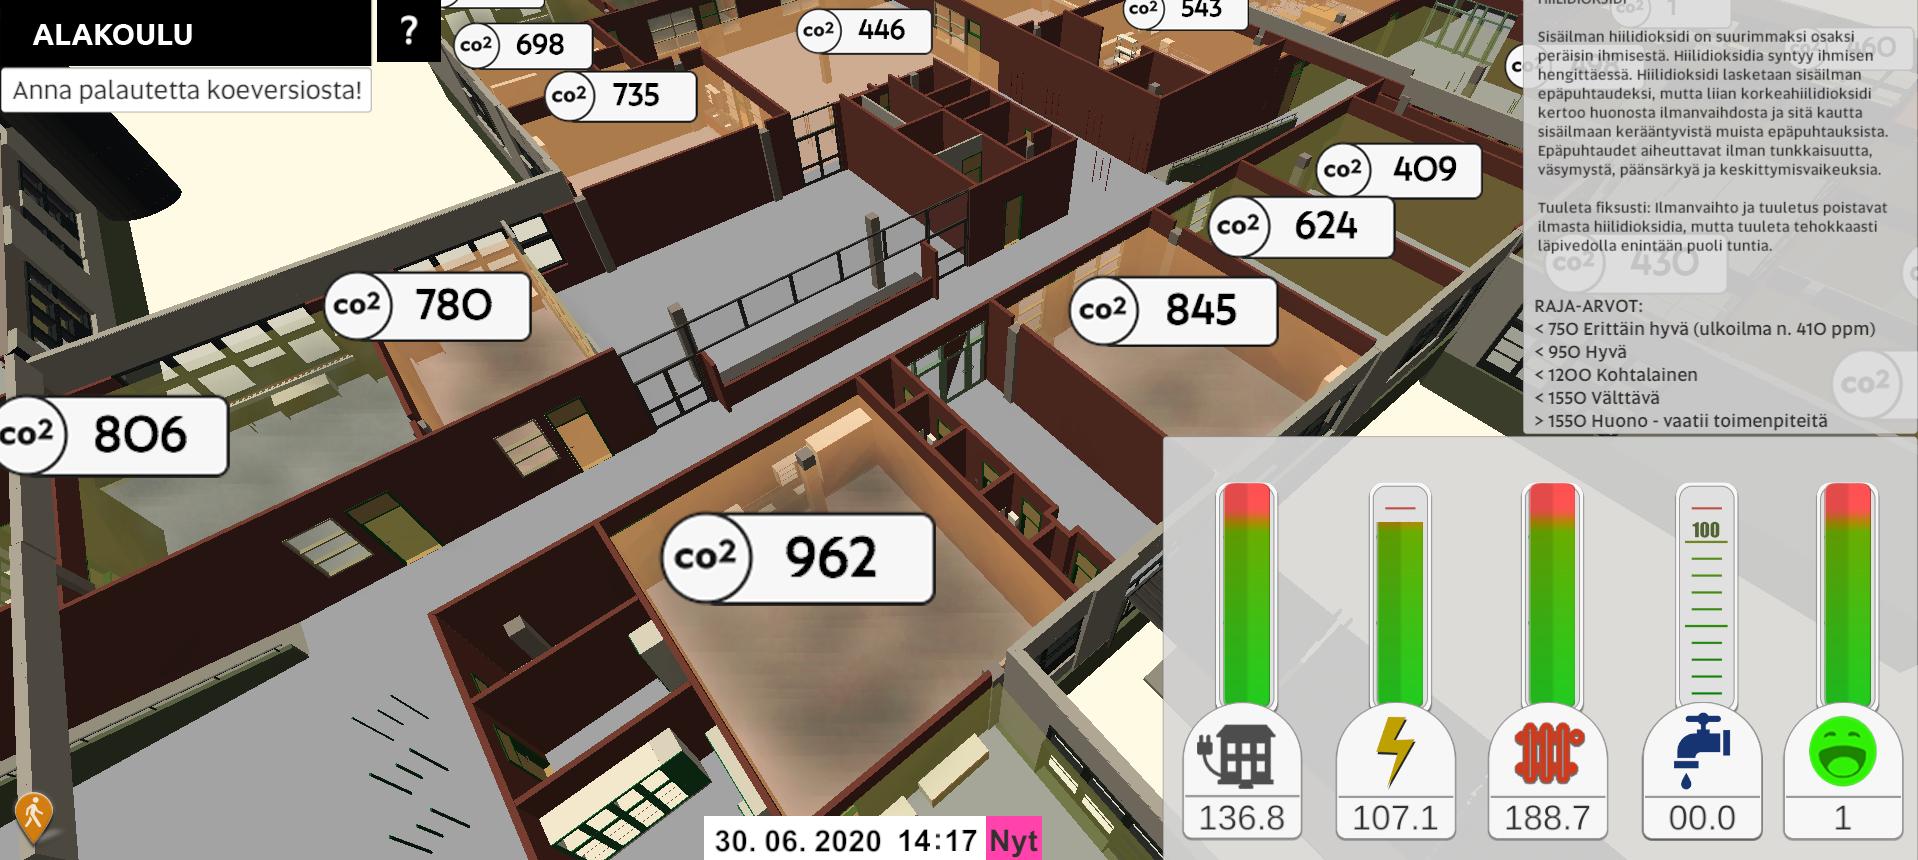 Kuva esittää ylhäältä päin koulun rakennusmallia, jossa näkyvät hiilidioksidipitoisuudet